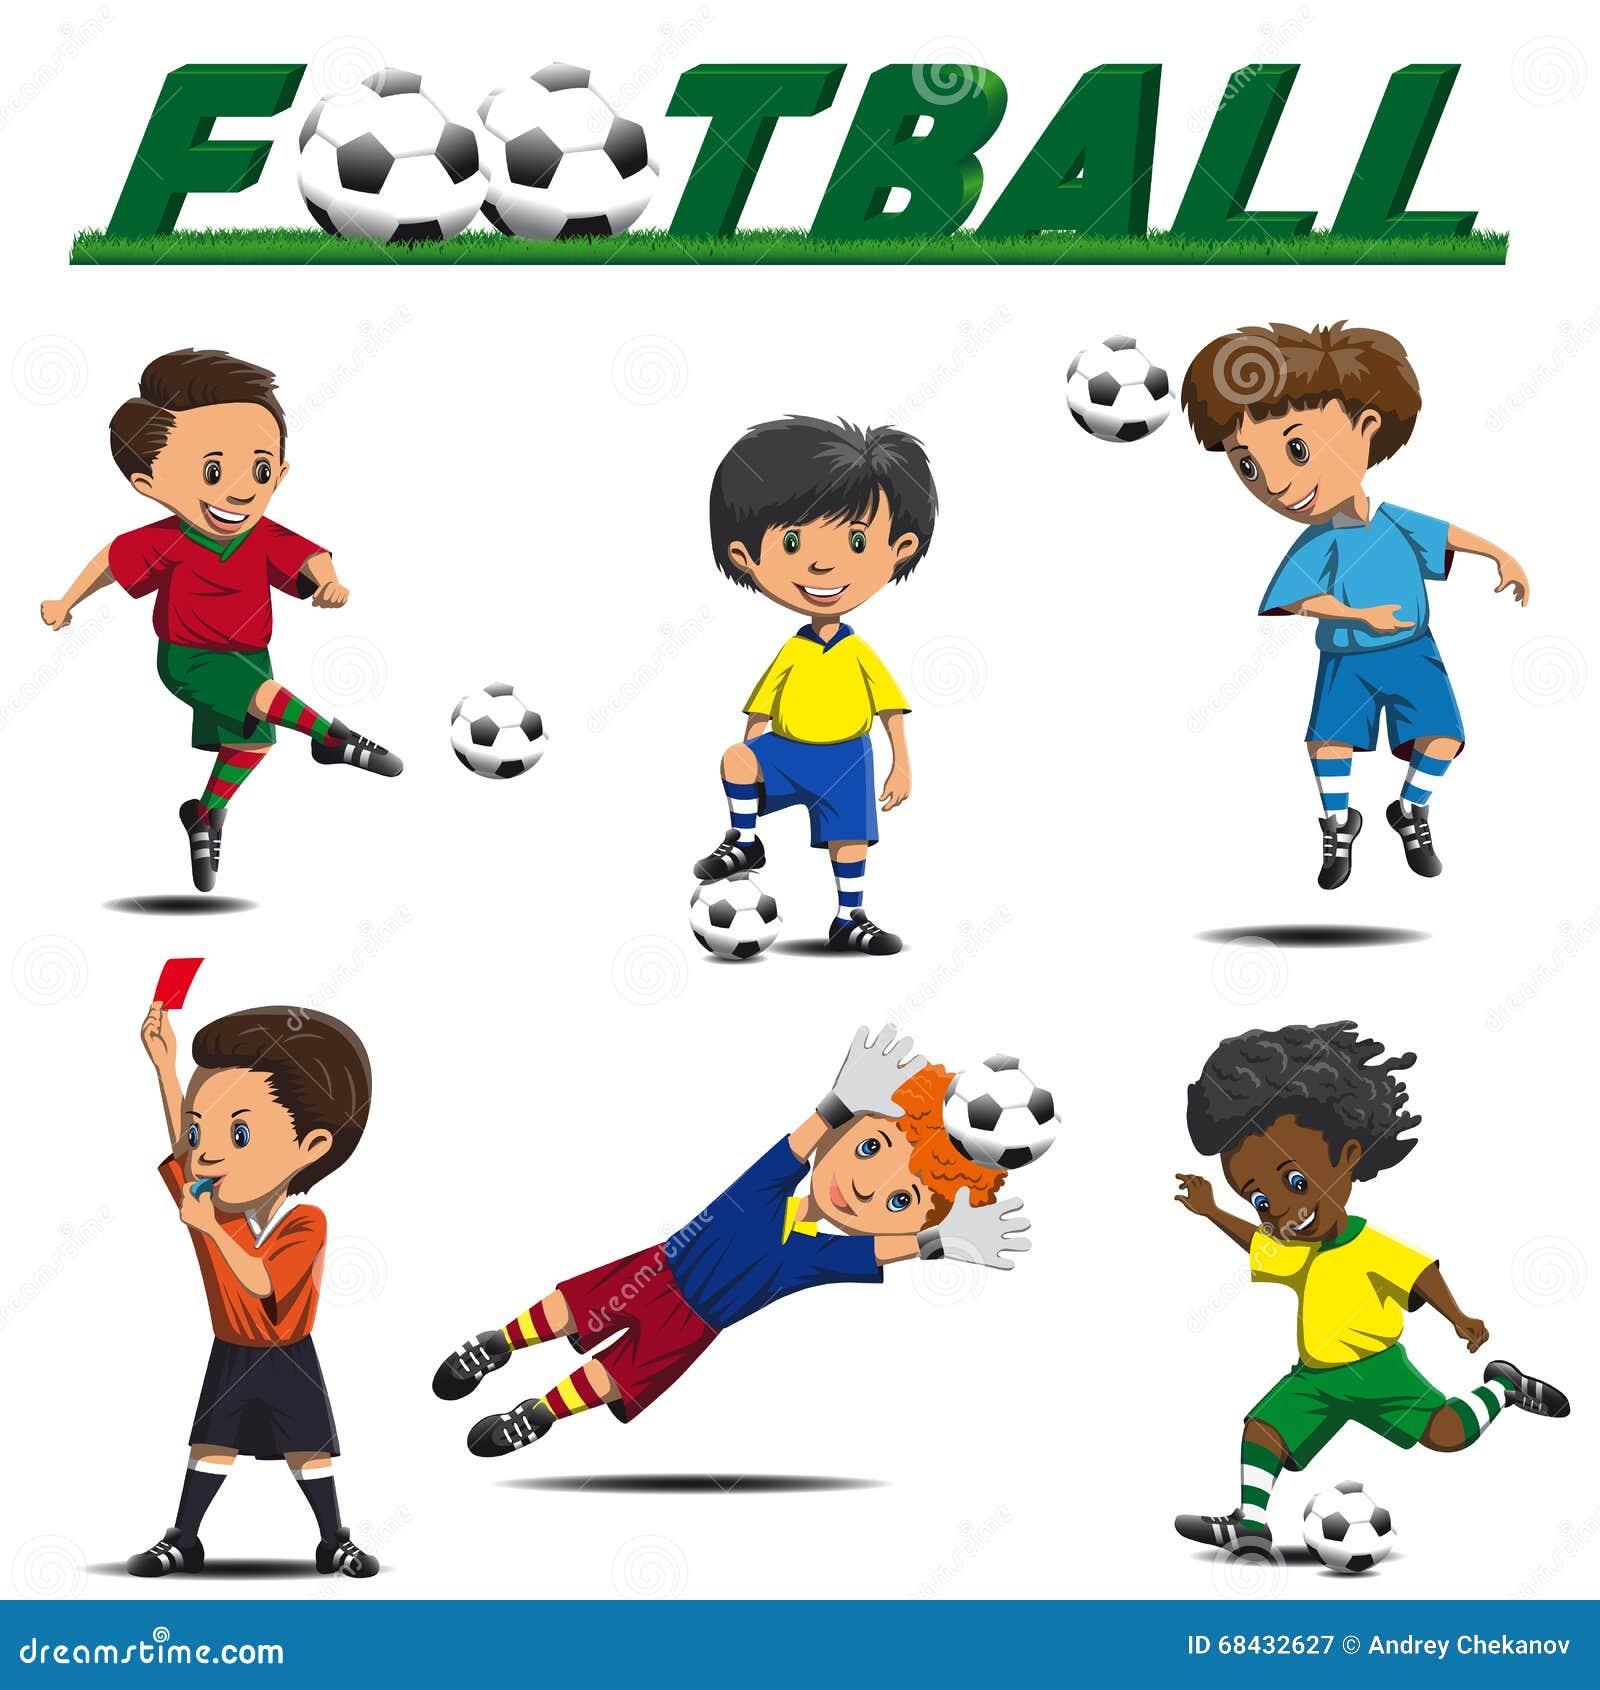 Ποδόσφαιρο και ποδοσφαιριστές από τις διαφορετικές ομάδες